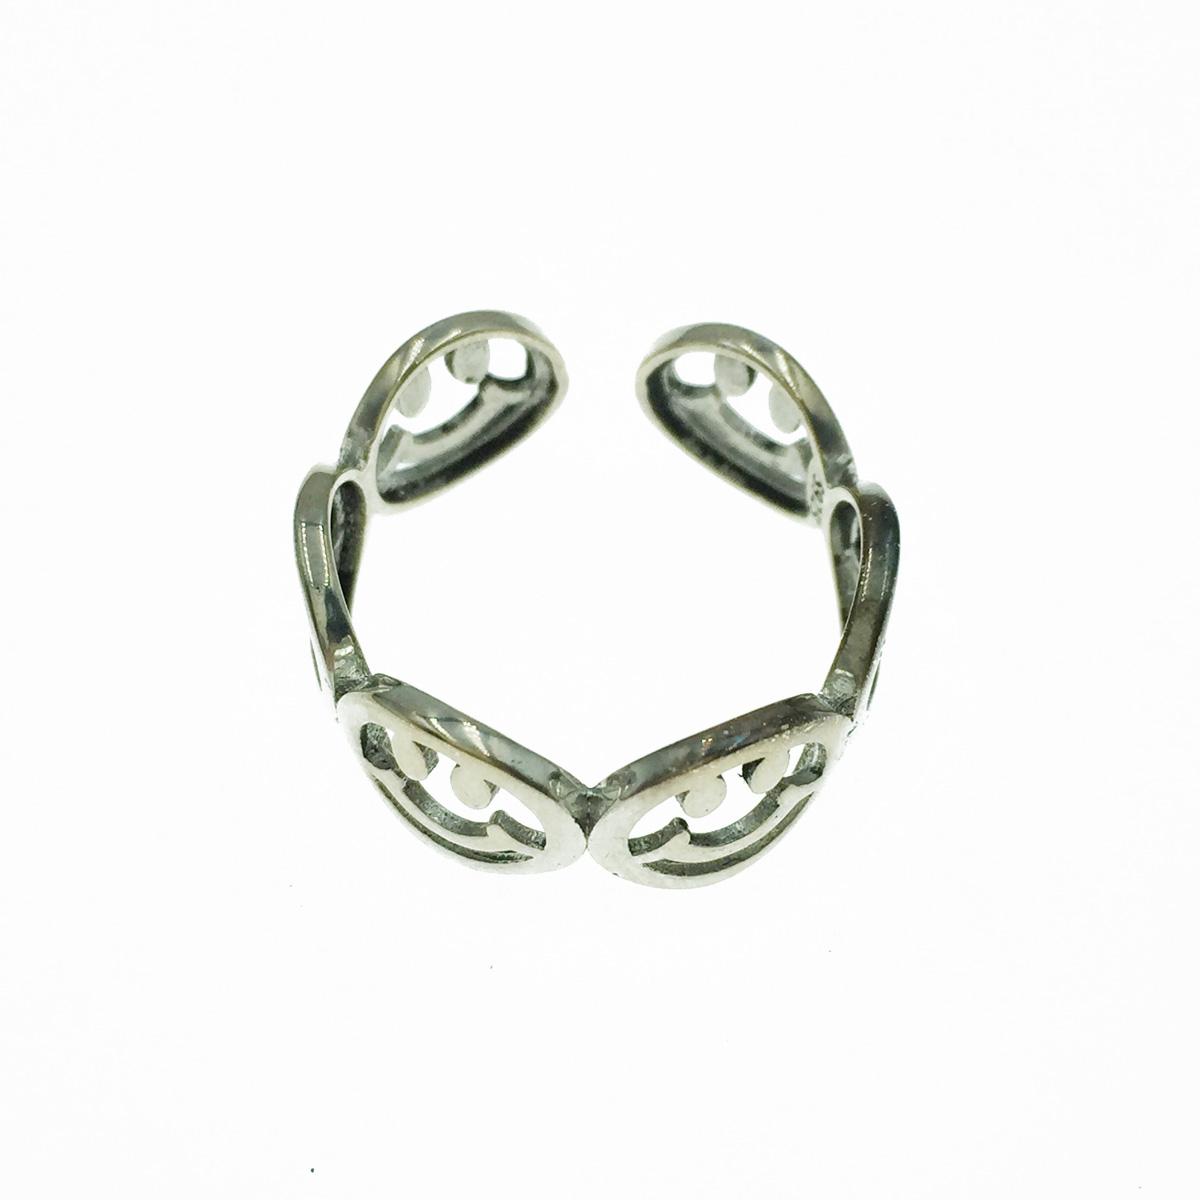 韓國 925純銀 簍空 微笑笑臉 金屬 可調式 戒指